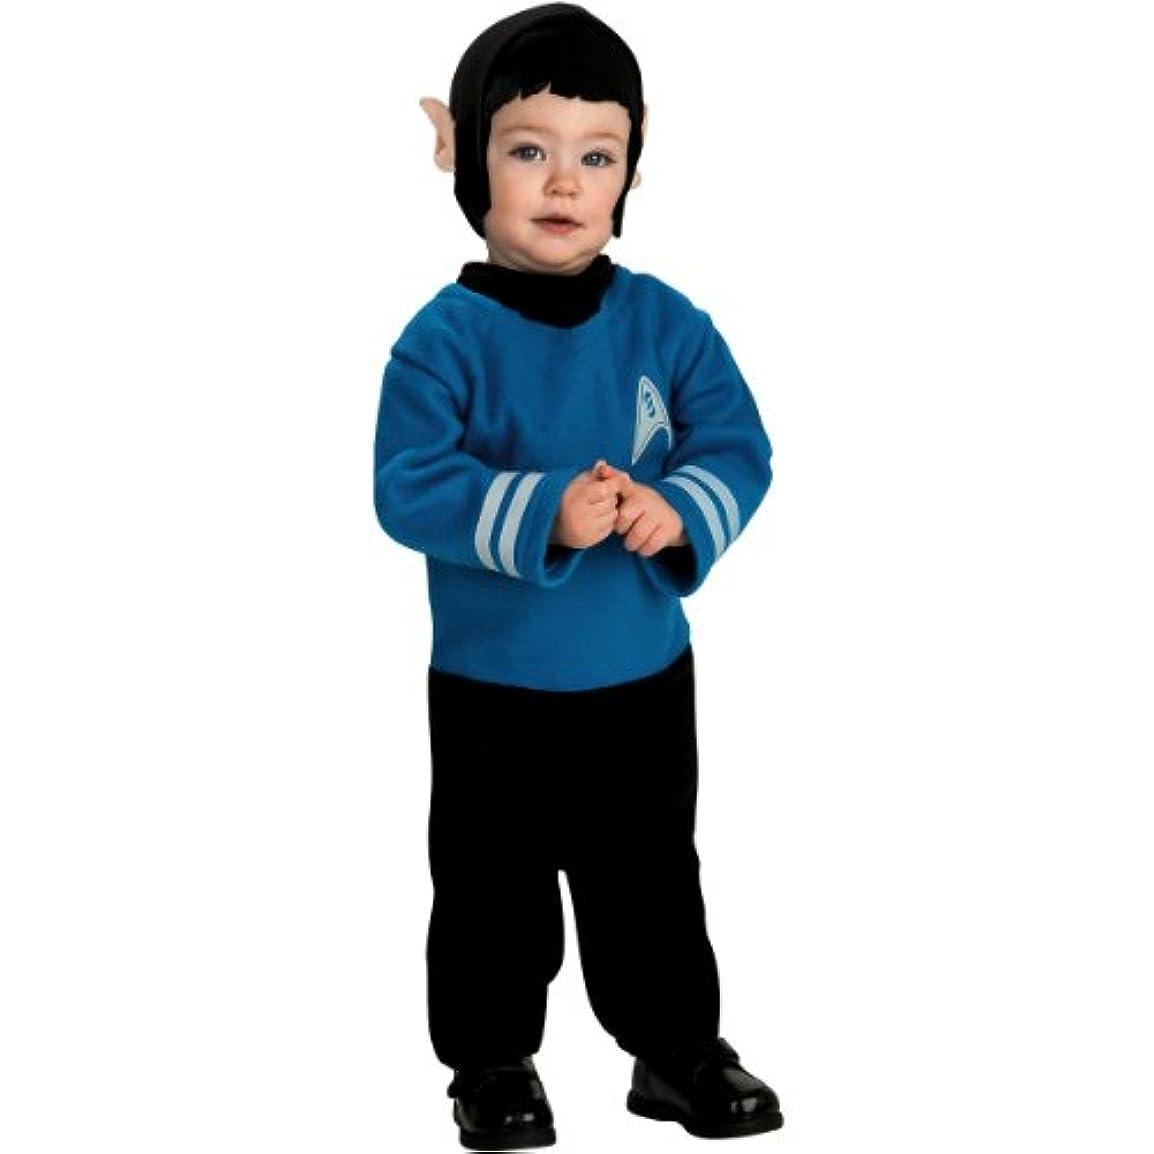 化学薬品花婿数映画「スタートレック(2009年)」 ミスター?スポック ベビー用 コスチューム / Star Trek Little Spock Infant サイズ:Infant (6-12M)